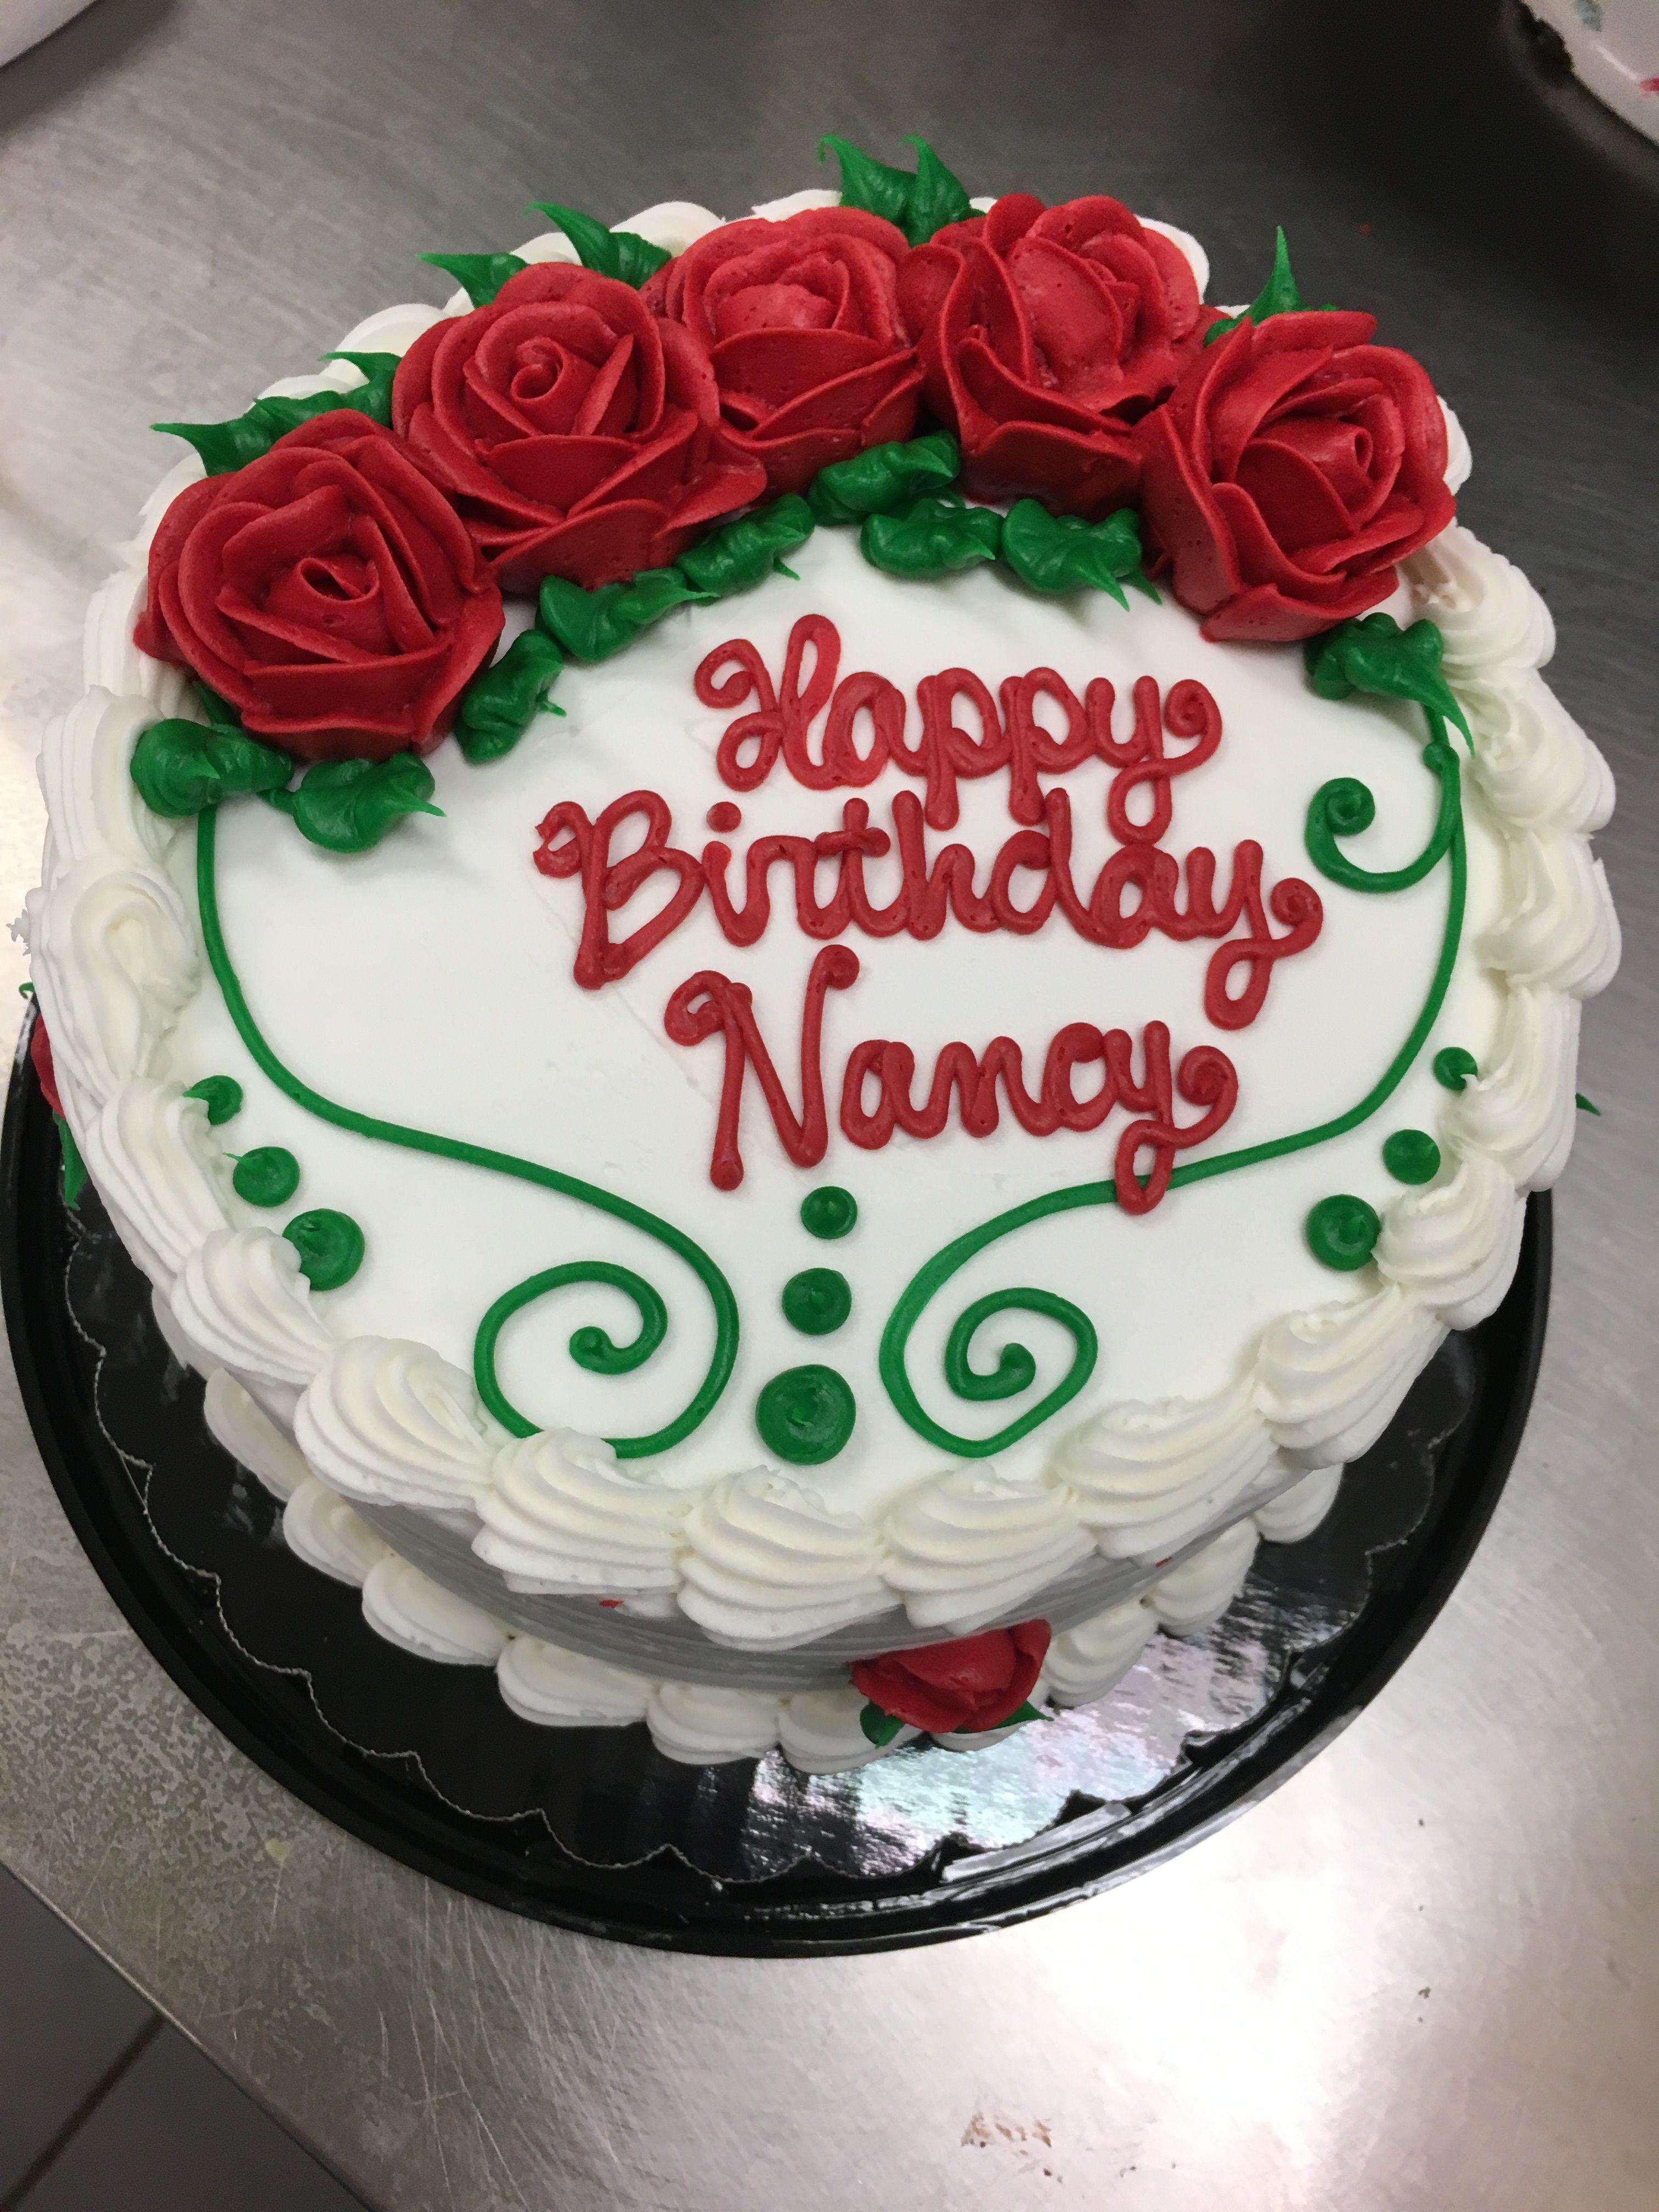 Pin by Jennifer Thomas on Cakes I've done   Cake ...